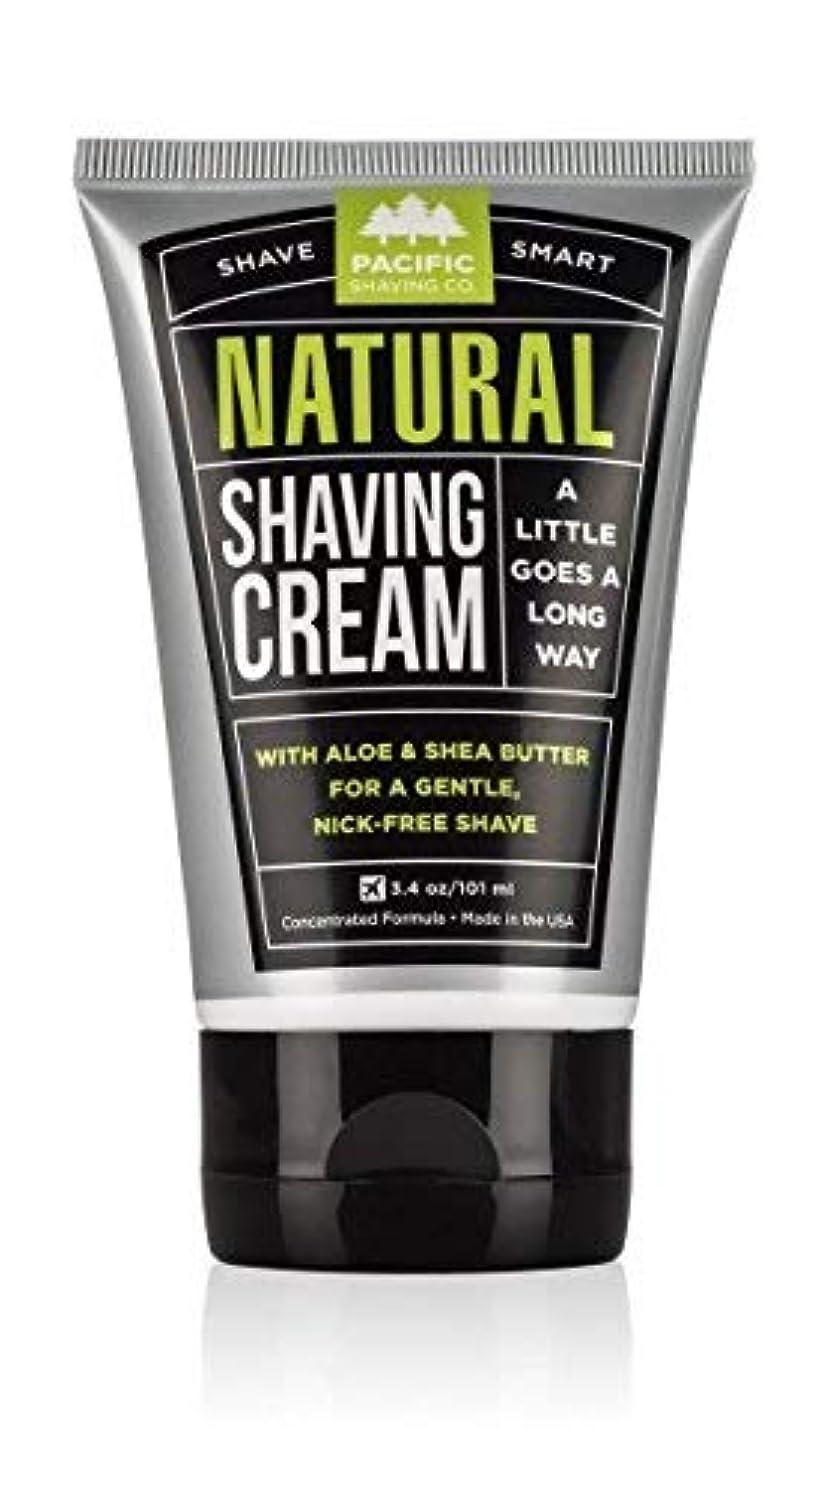 対抗わかりやすいまさにPacific Shaving Company Natural Shaving Cream Best Shave Cream for Men and Women - Safe and Natural Ingredients...